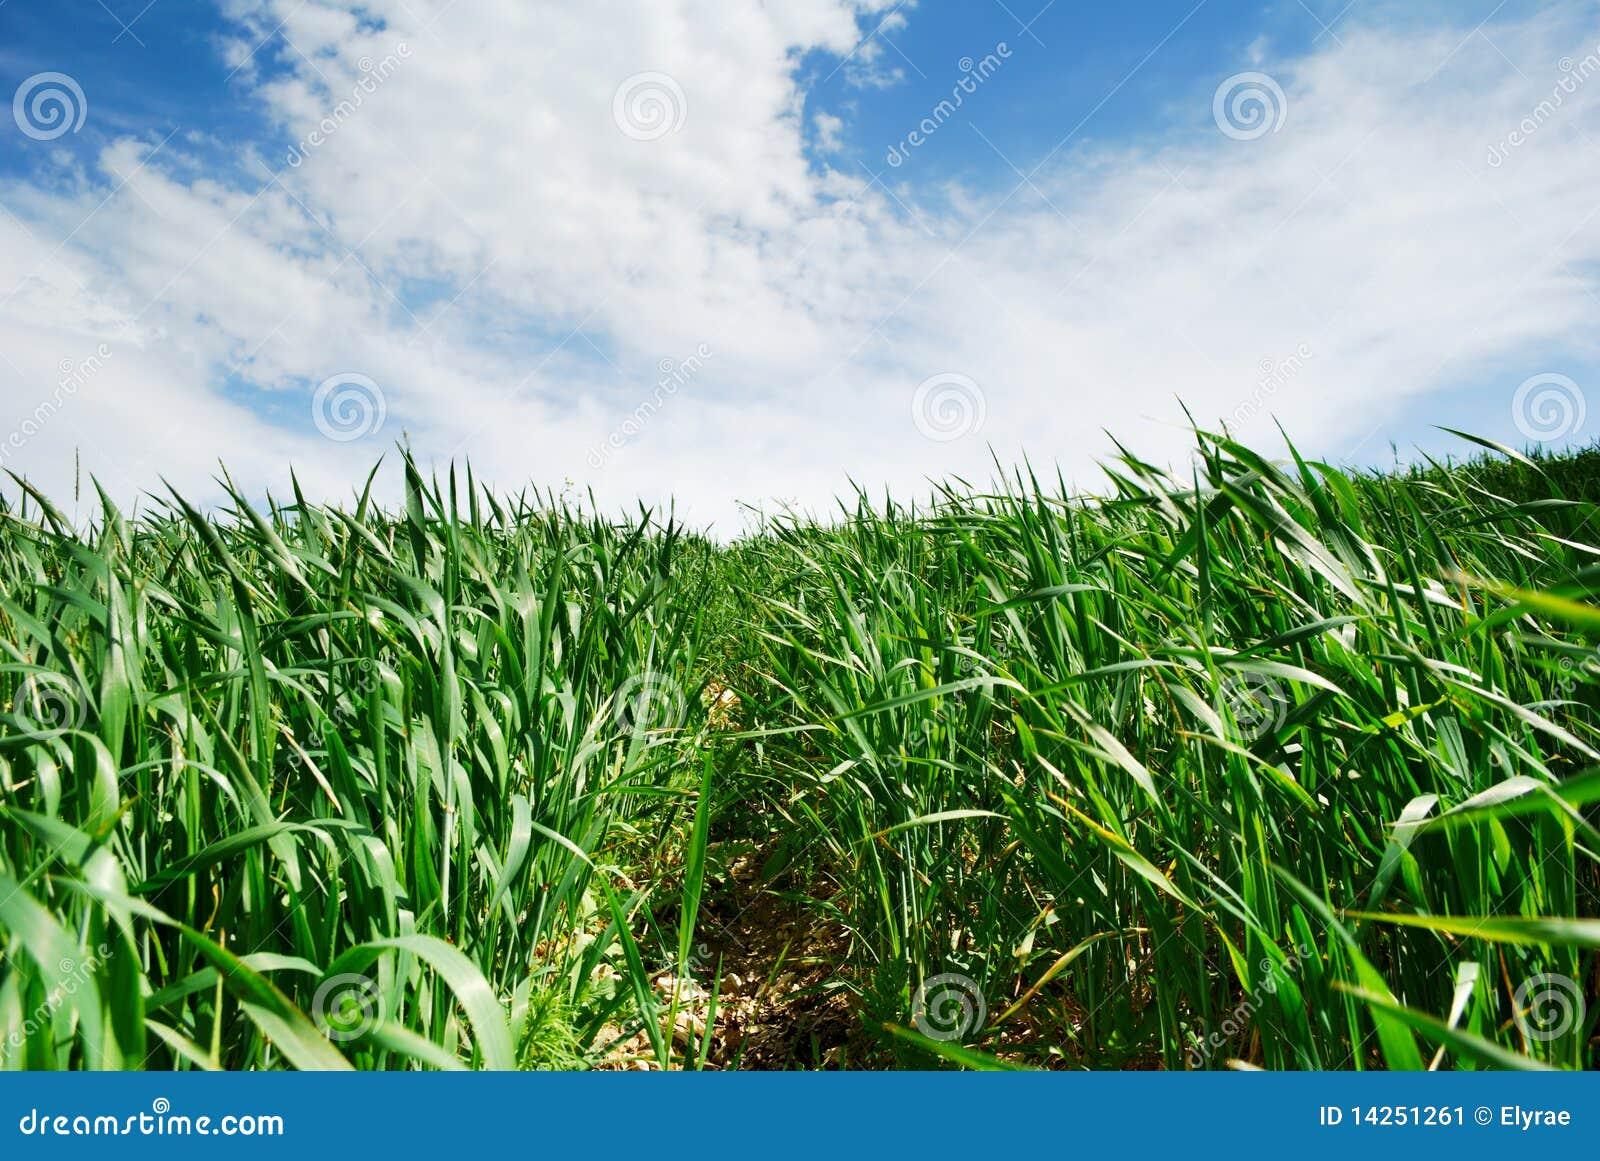 Path through wheat